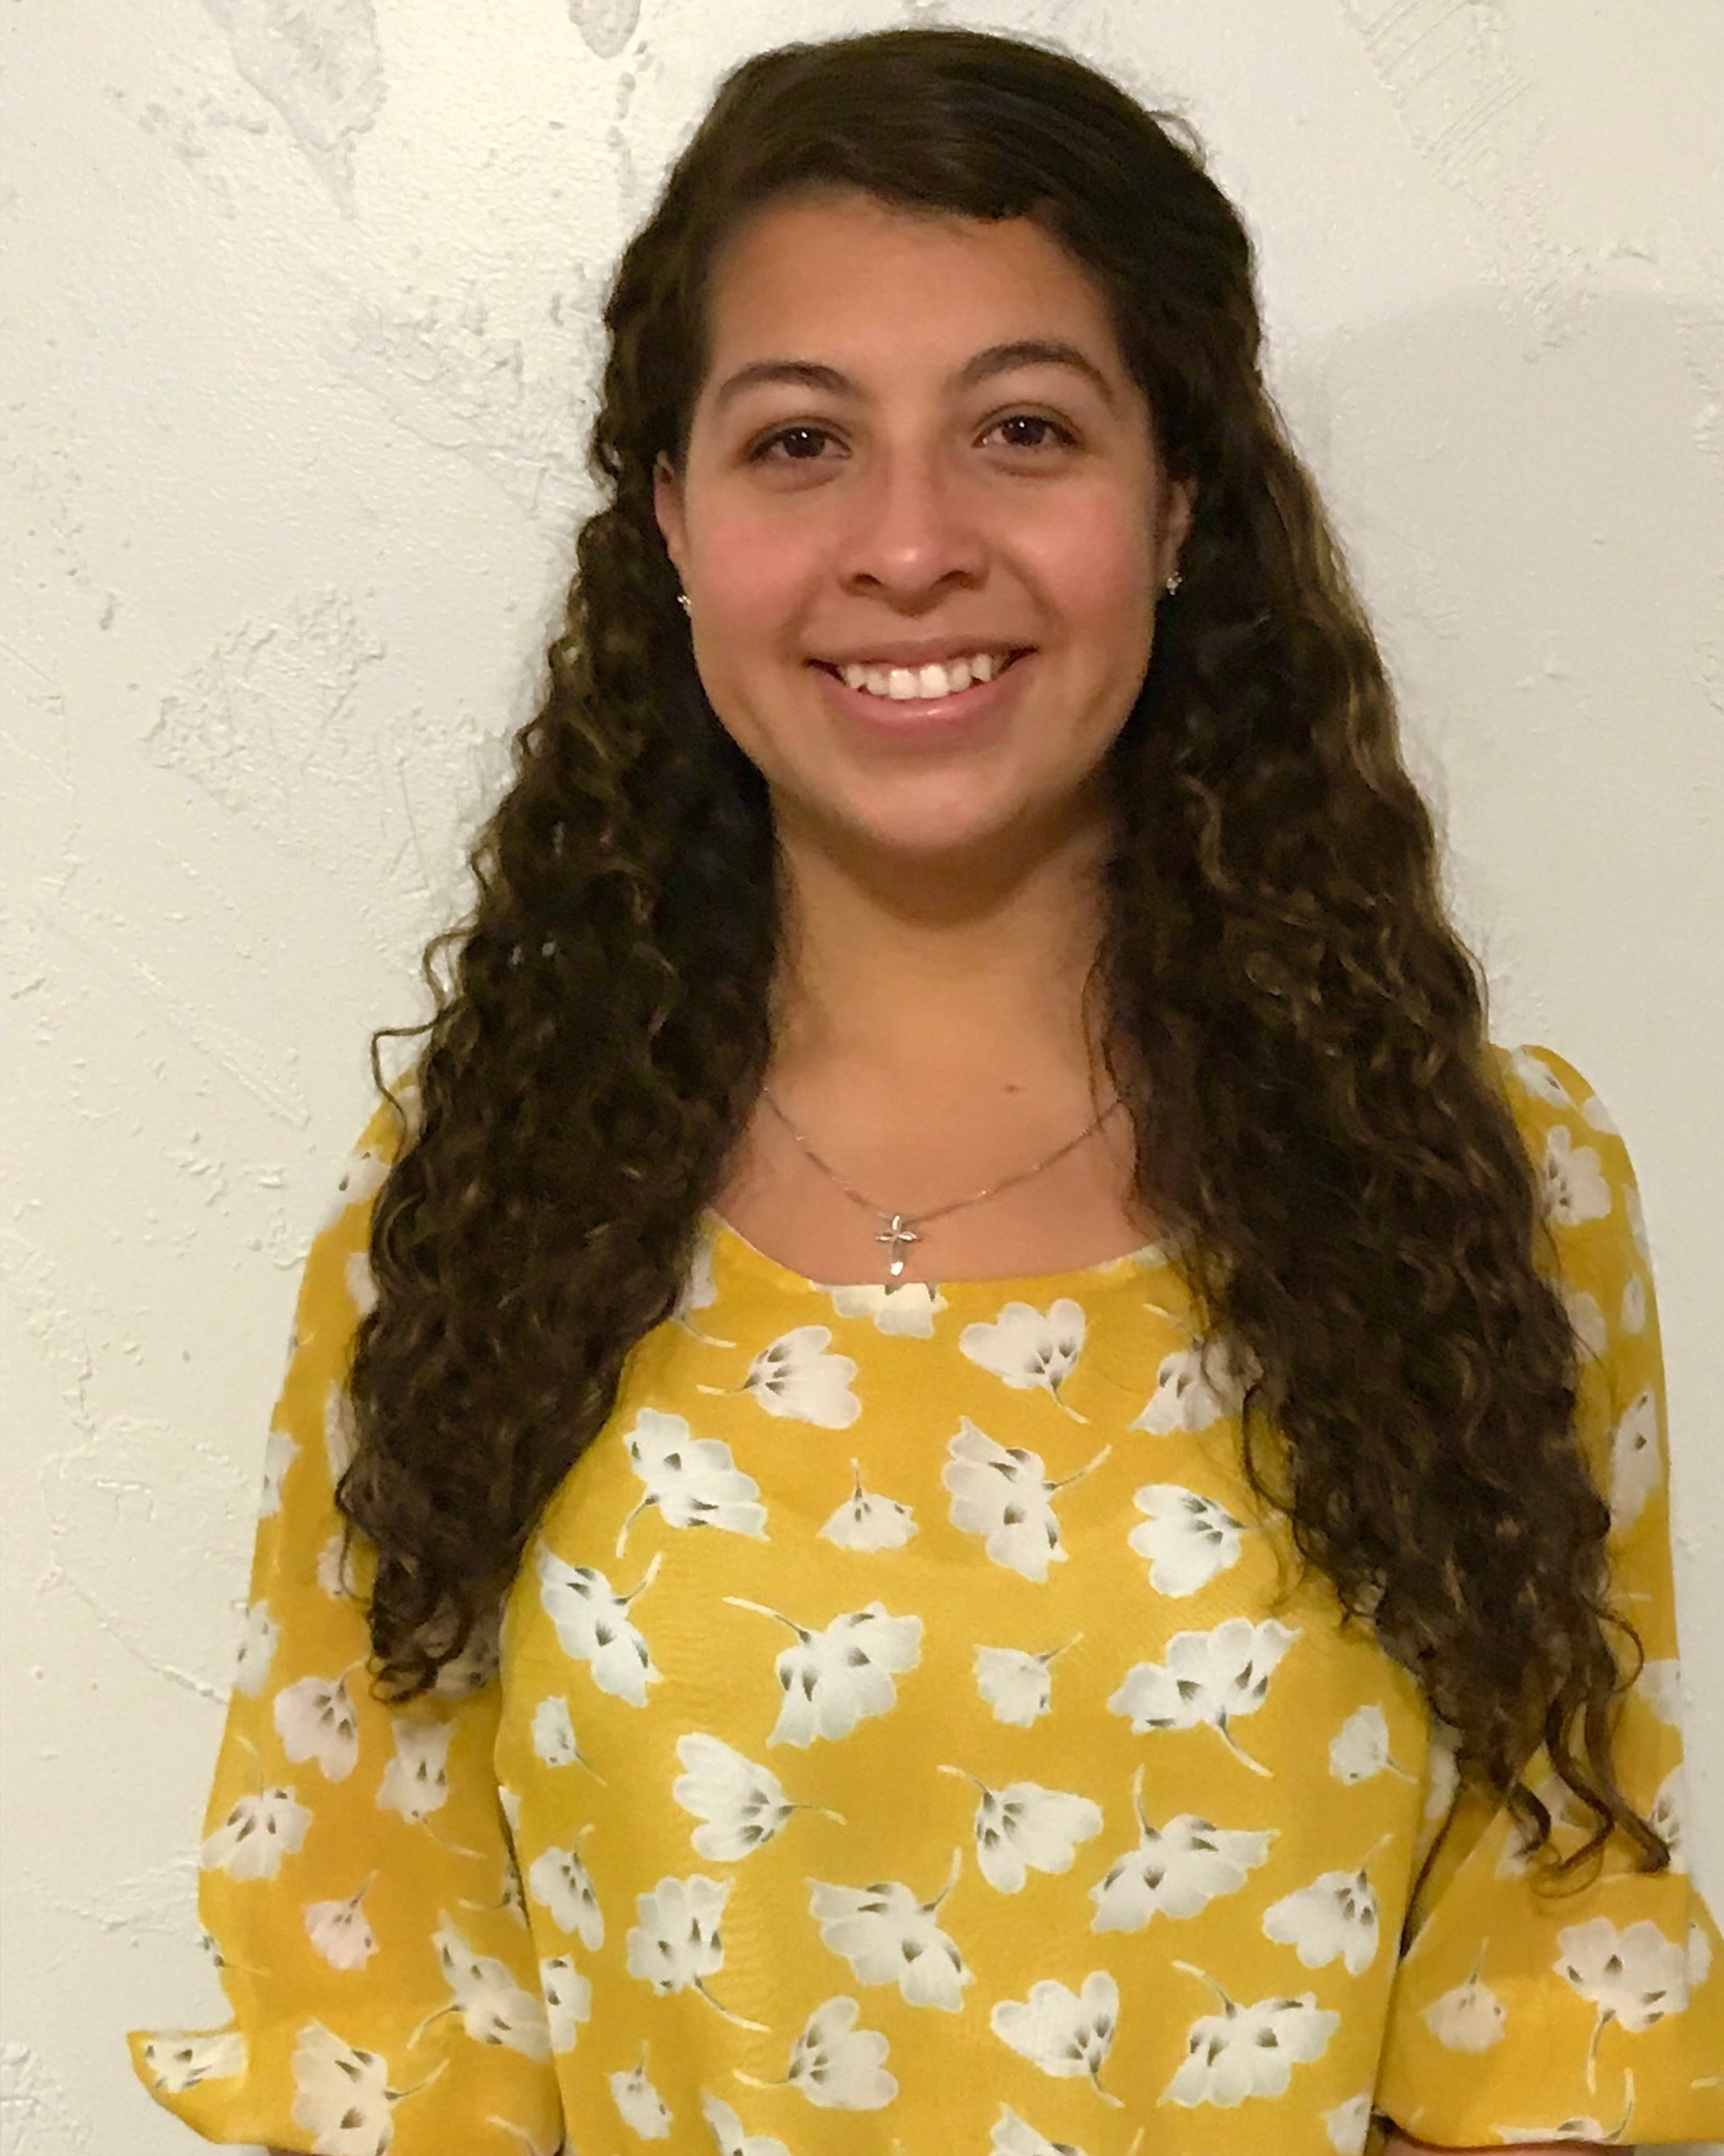 Samantha Jimenez